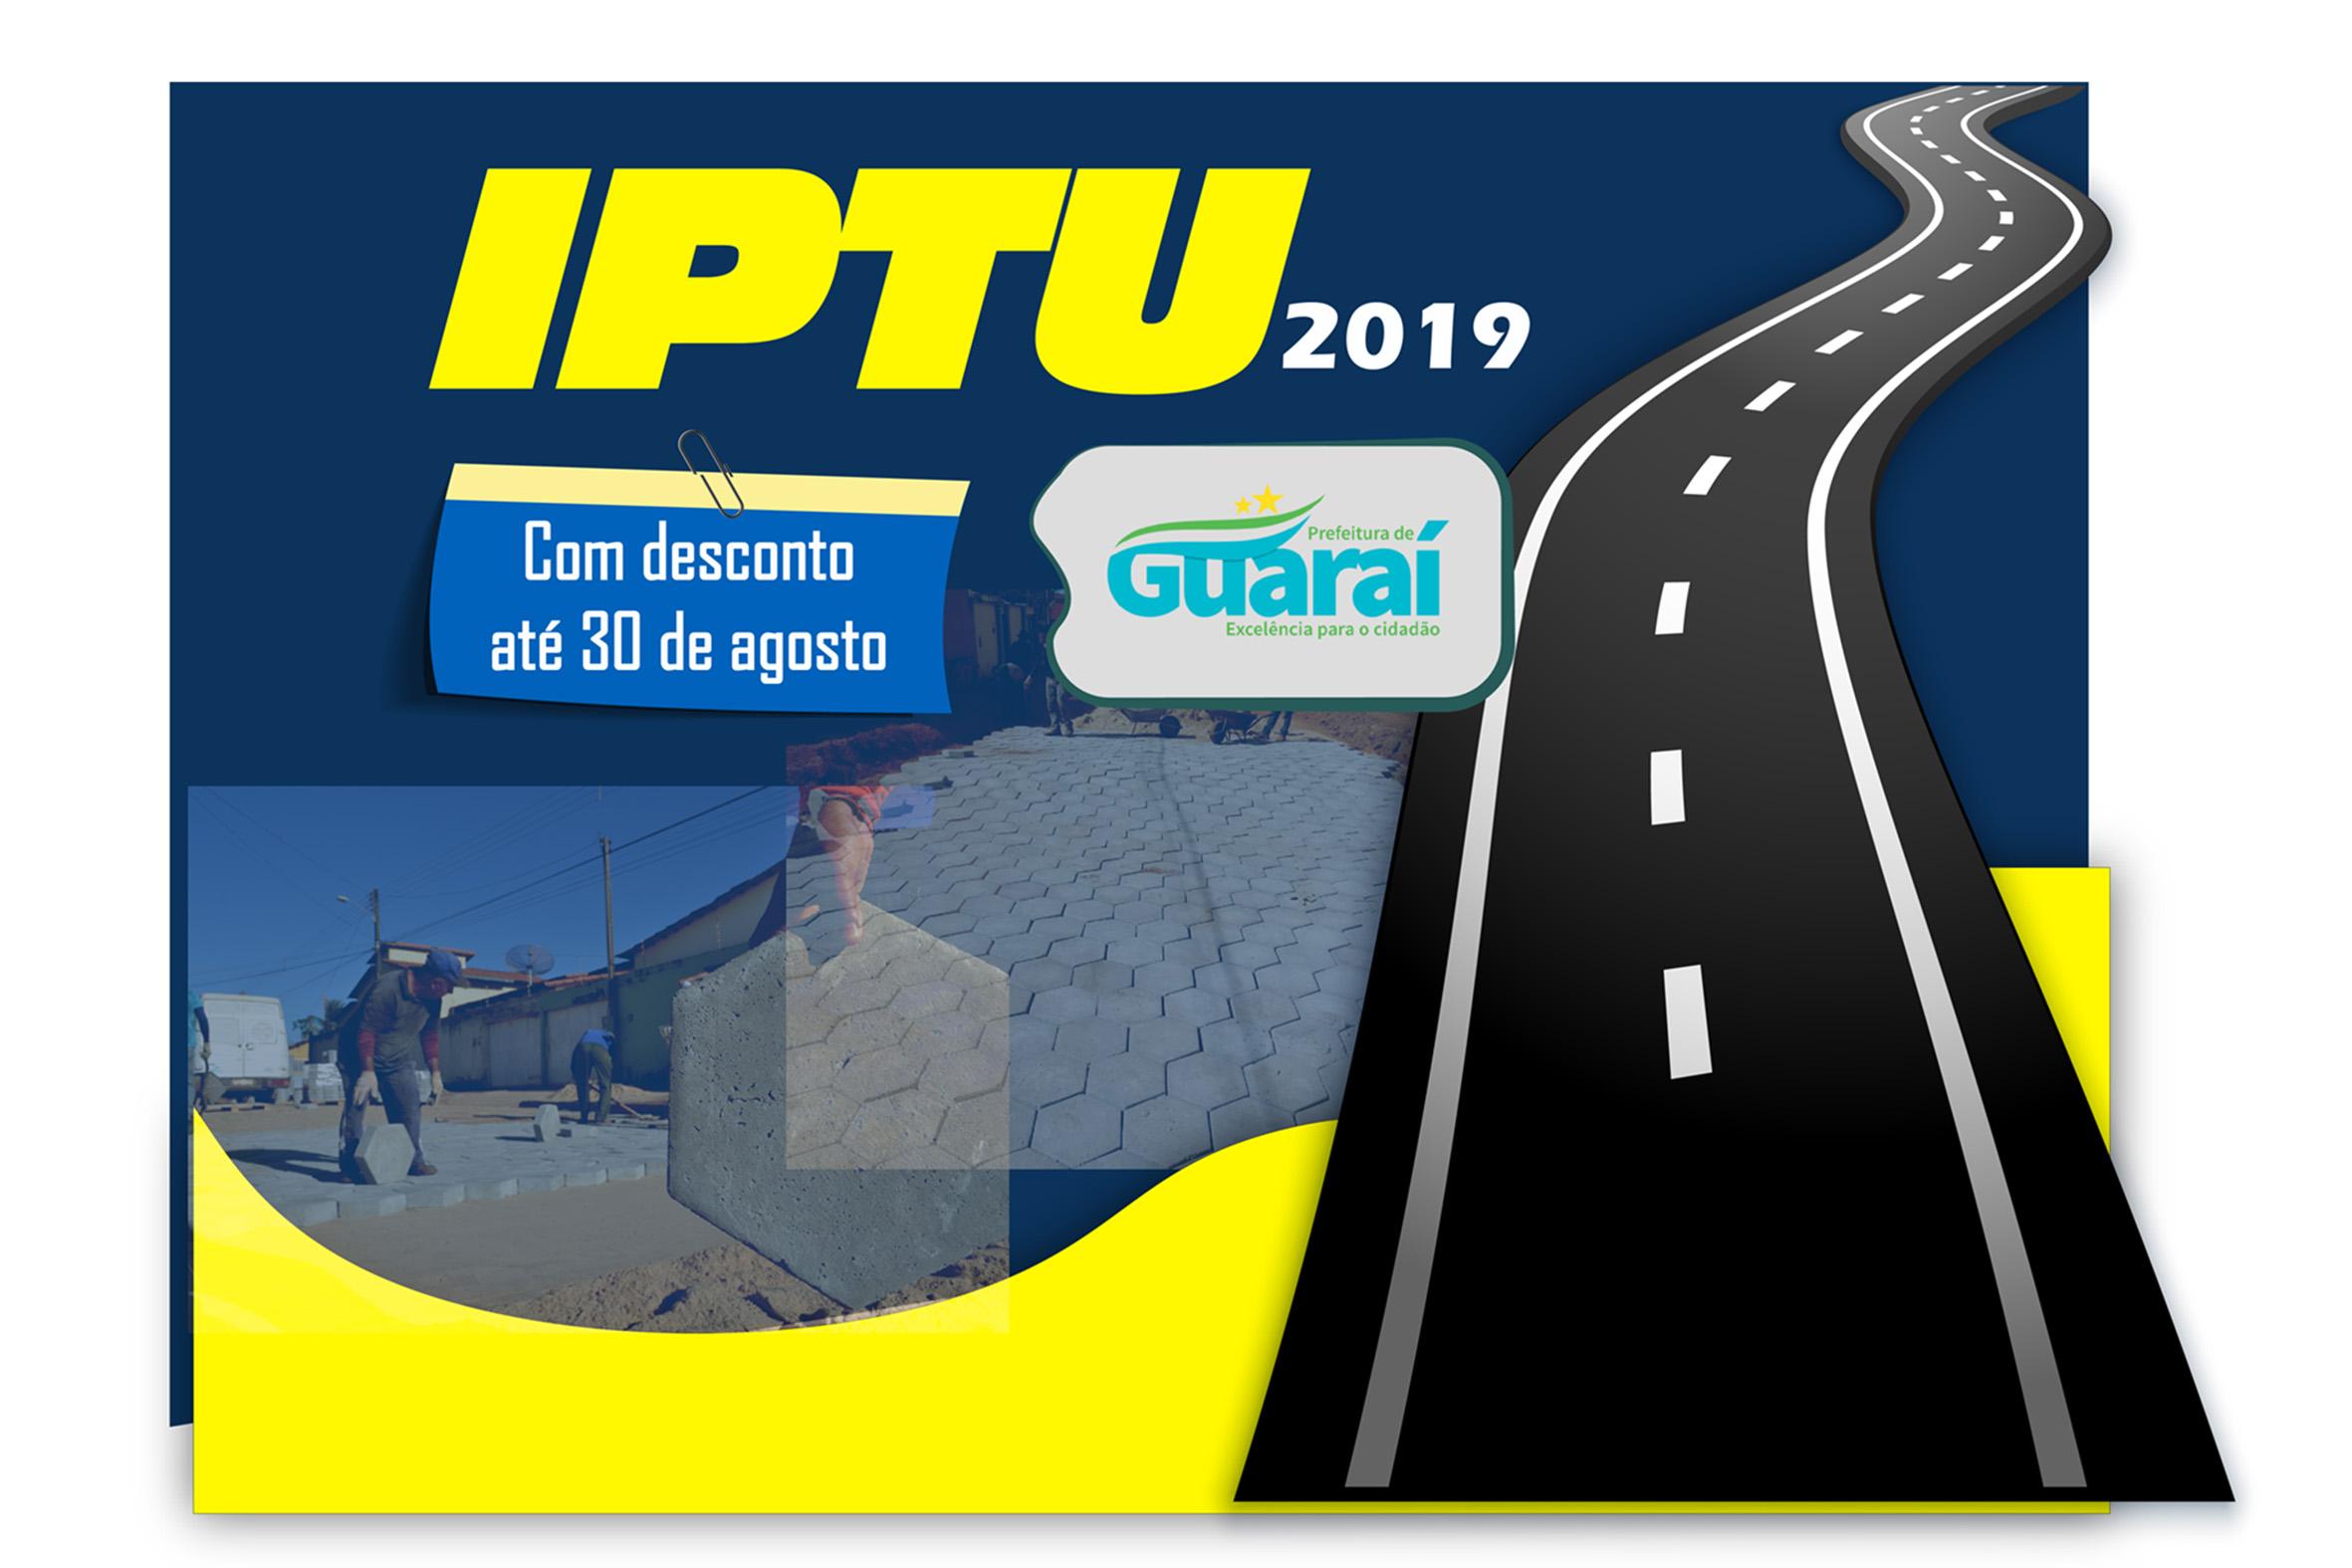 Foto: Prefeitura de Guaraí - Os recursos da arrecadação obtidos por meio do pagamento do IPTU são fundamentais para que o município mantenha o ritmo de investimentos em todas as áreas fundamentais, incluindo saúde, educação e obras de infraestrutura.